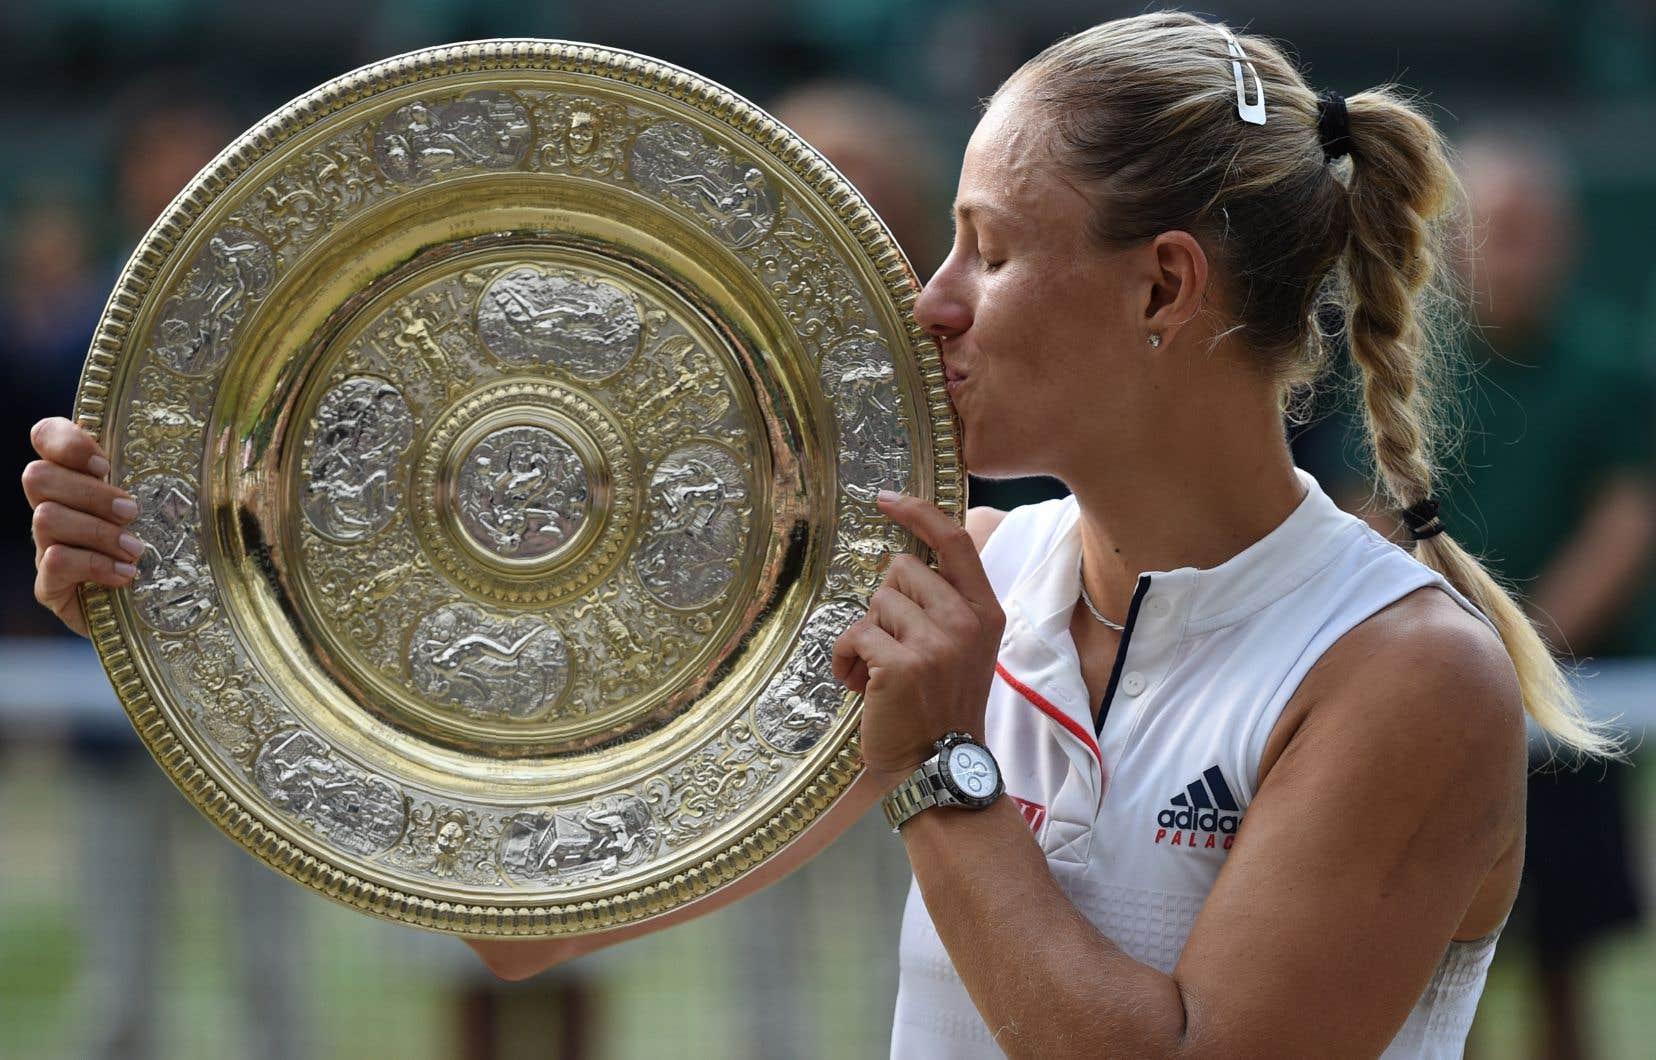 «C'est un rêve qui devient réalité», a souligné Angelique Kerber, qui a remporté pour la première fois le tournoi de Wimbledon.